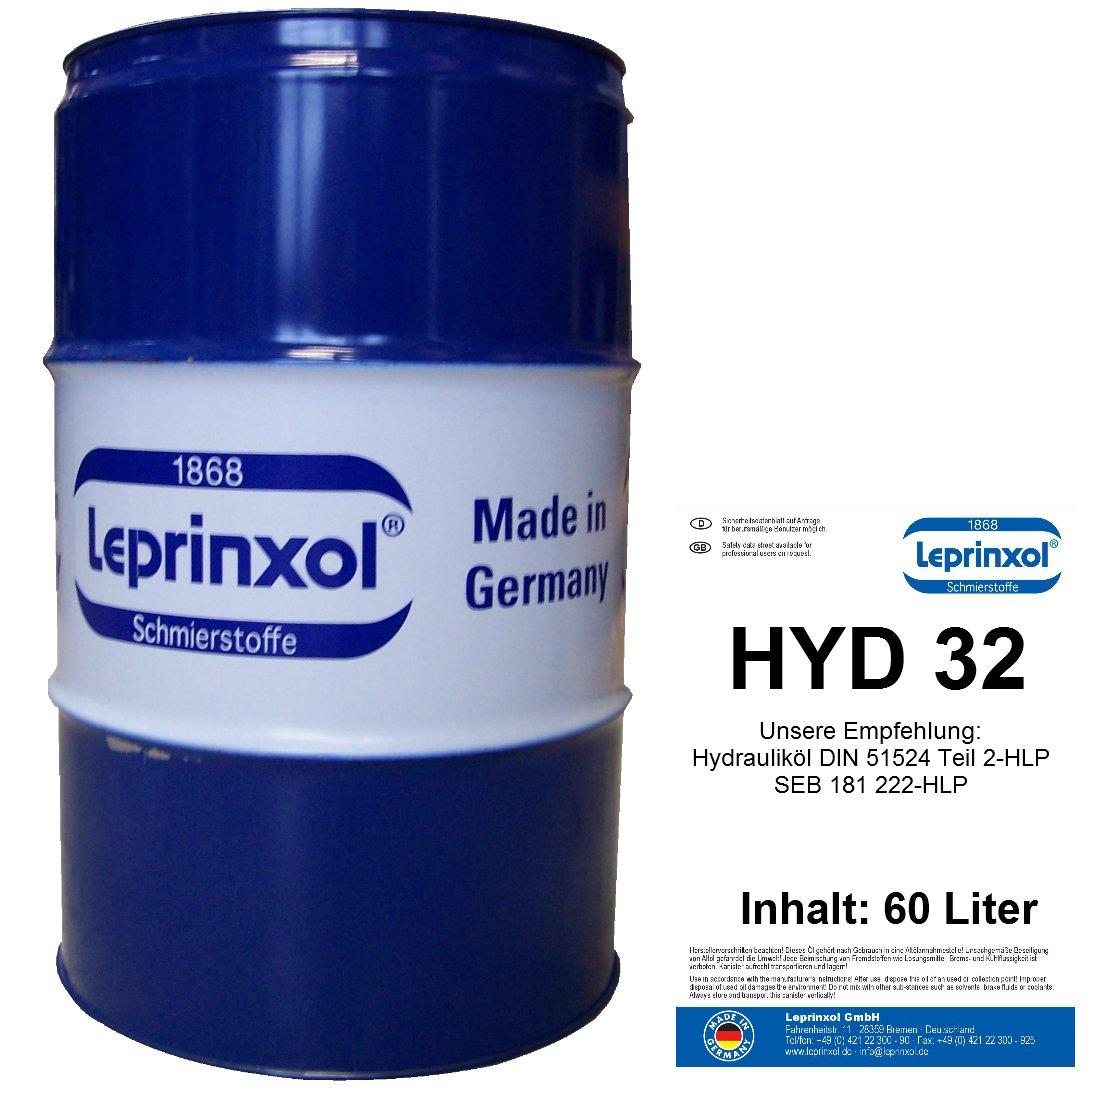 60L Fû t HYD 32 lepri nxol hydraulique liquide. Le dans 60 L Garage FAS sabgefü llte Huile hydraulique HLP 32 est un mineralö l, le comme liquide de pression, hydraulique huile, des DIN 51524 partie 2-HLP, SEB 181&nb